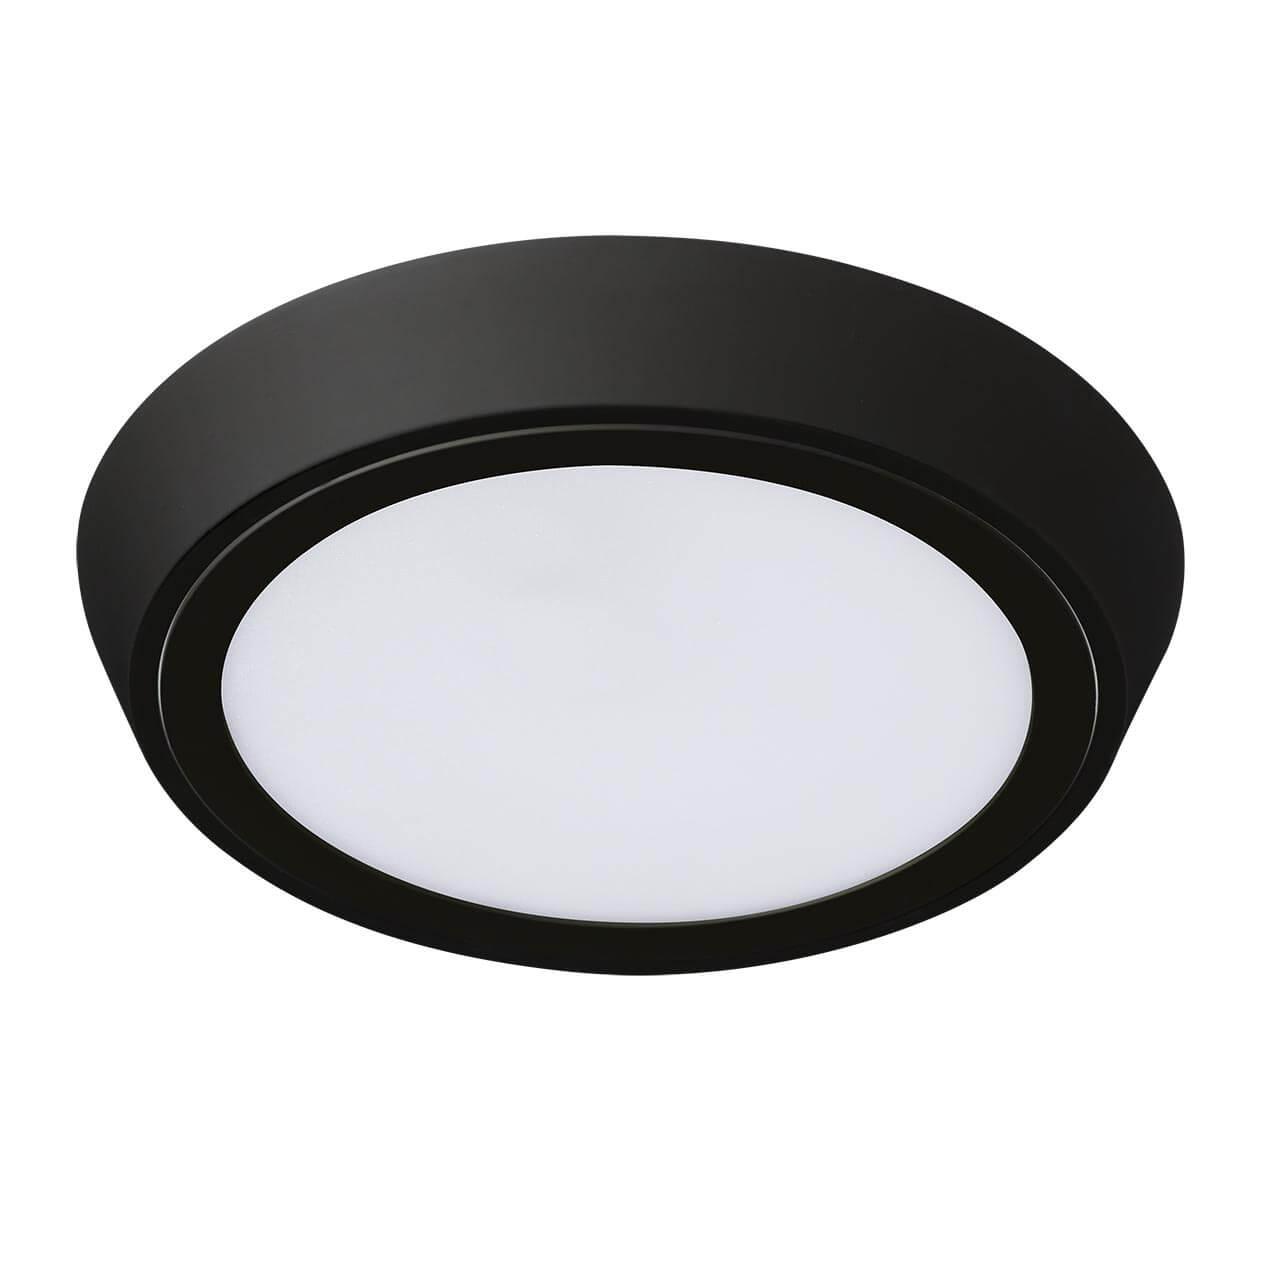 Светильник Lightstar 216972 Urbano